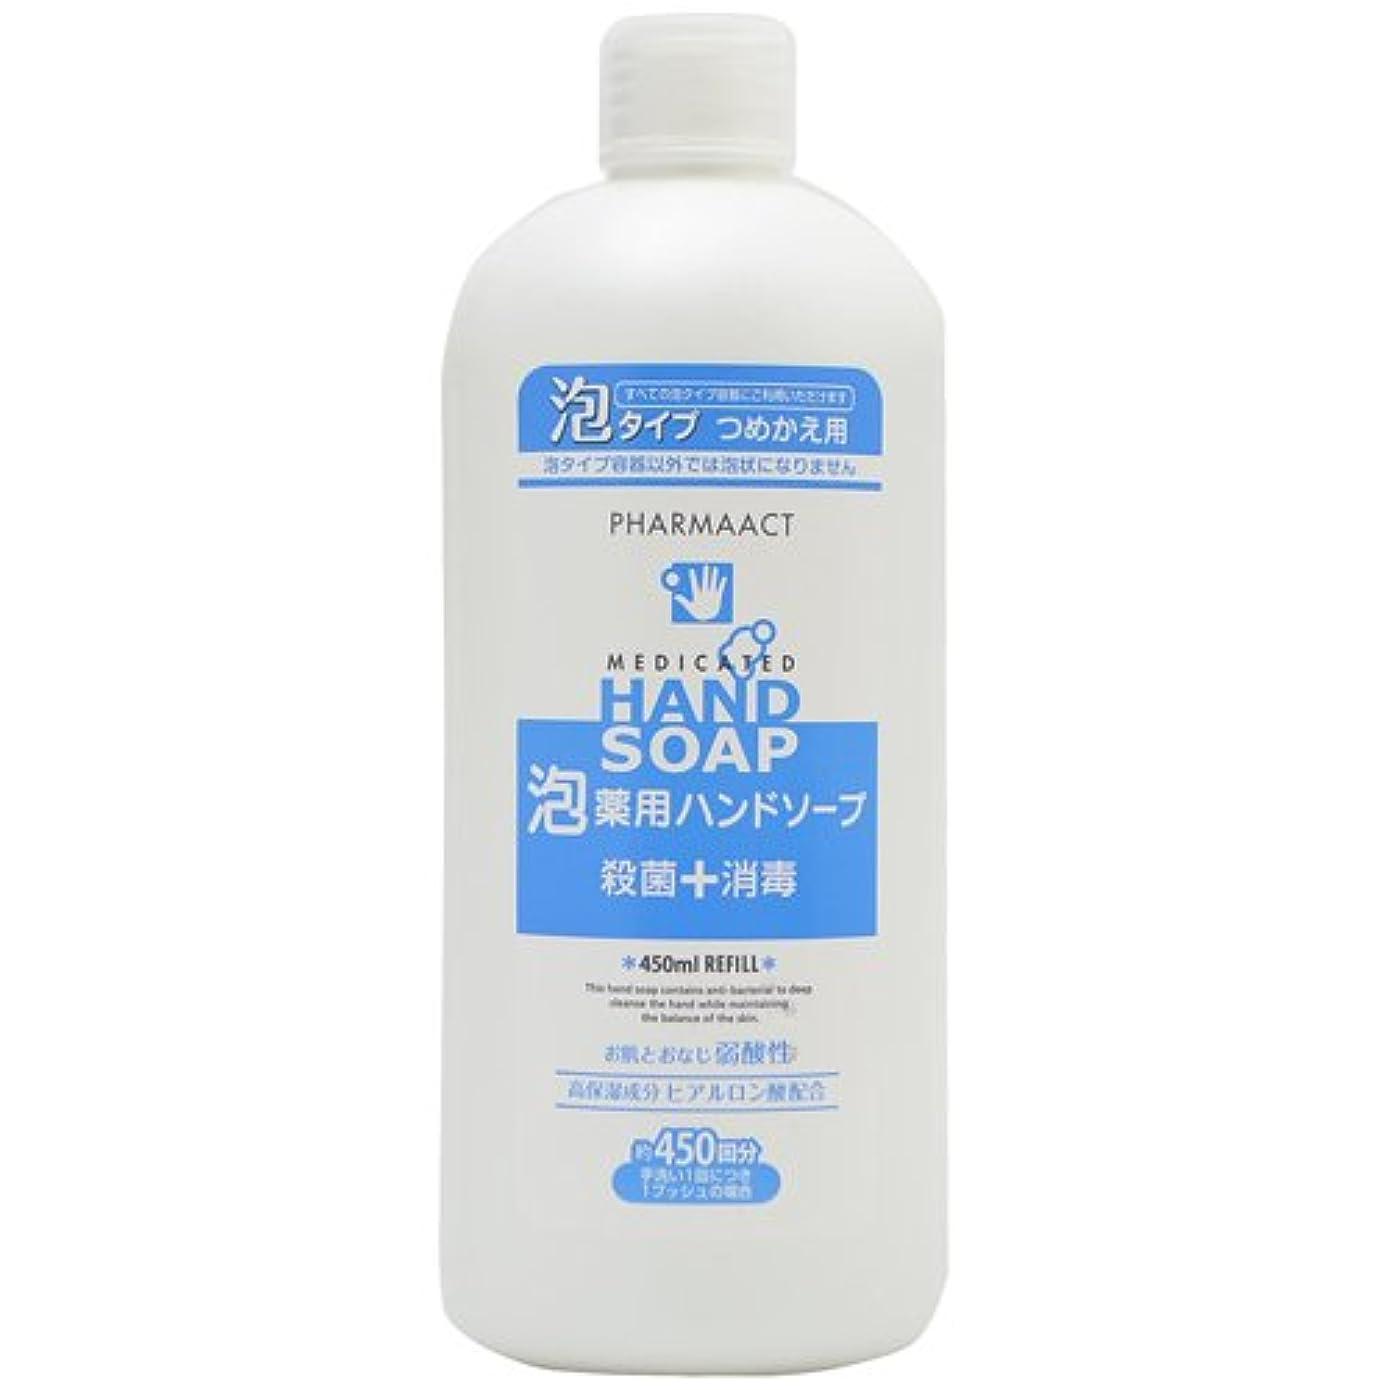 かけがえのないインチブルジョン熊野油脂 ファーマアクト 薬用泡ハンドソープ つめかえ用 450ml×24点セット (4513574017603)